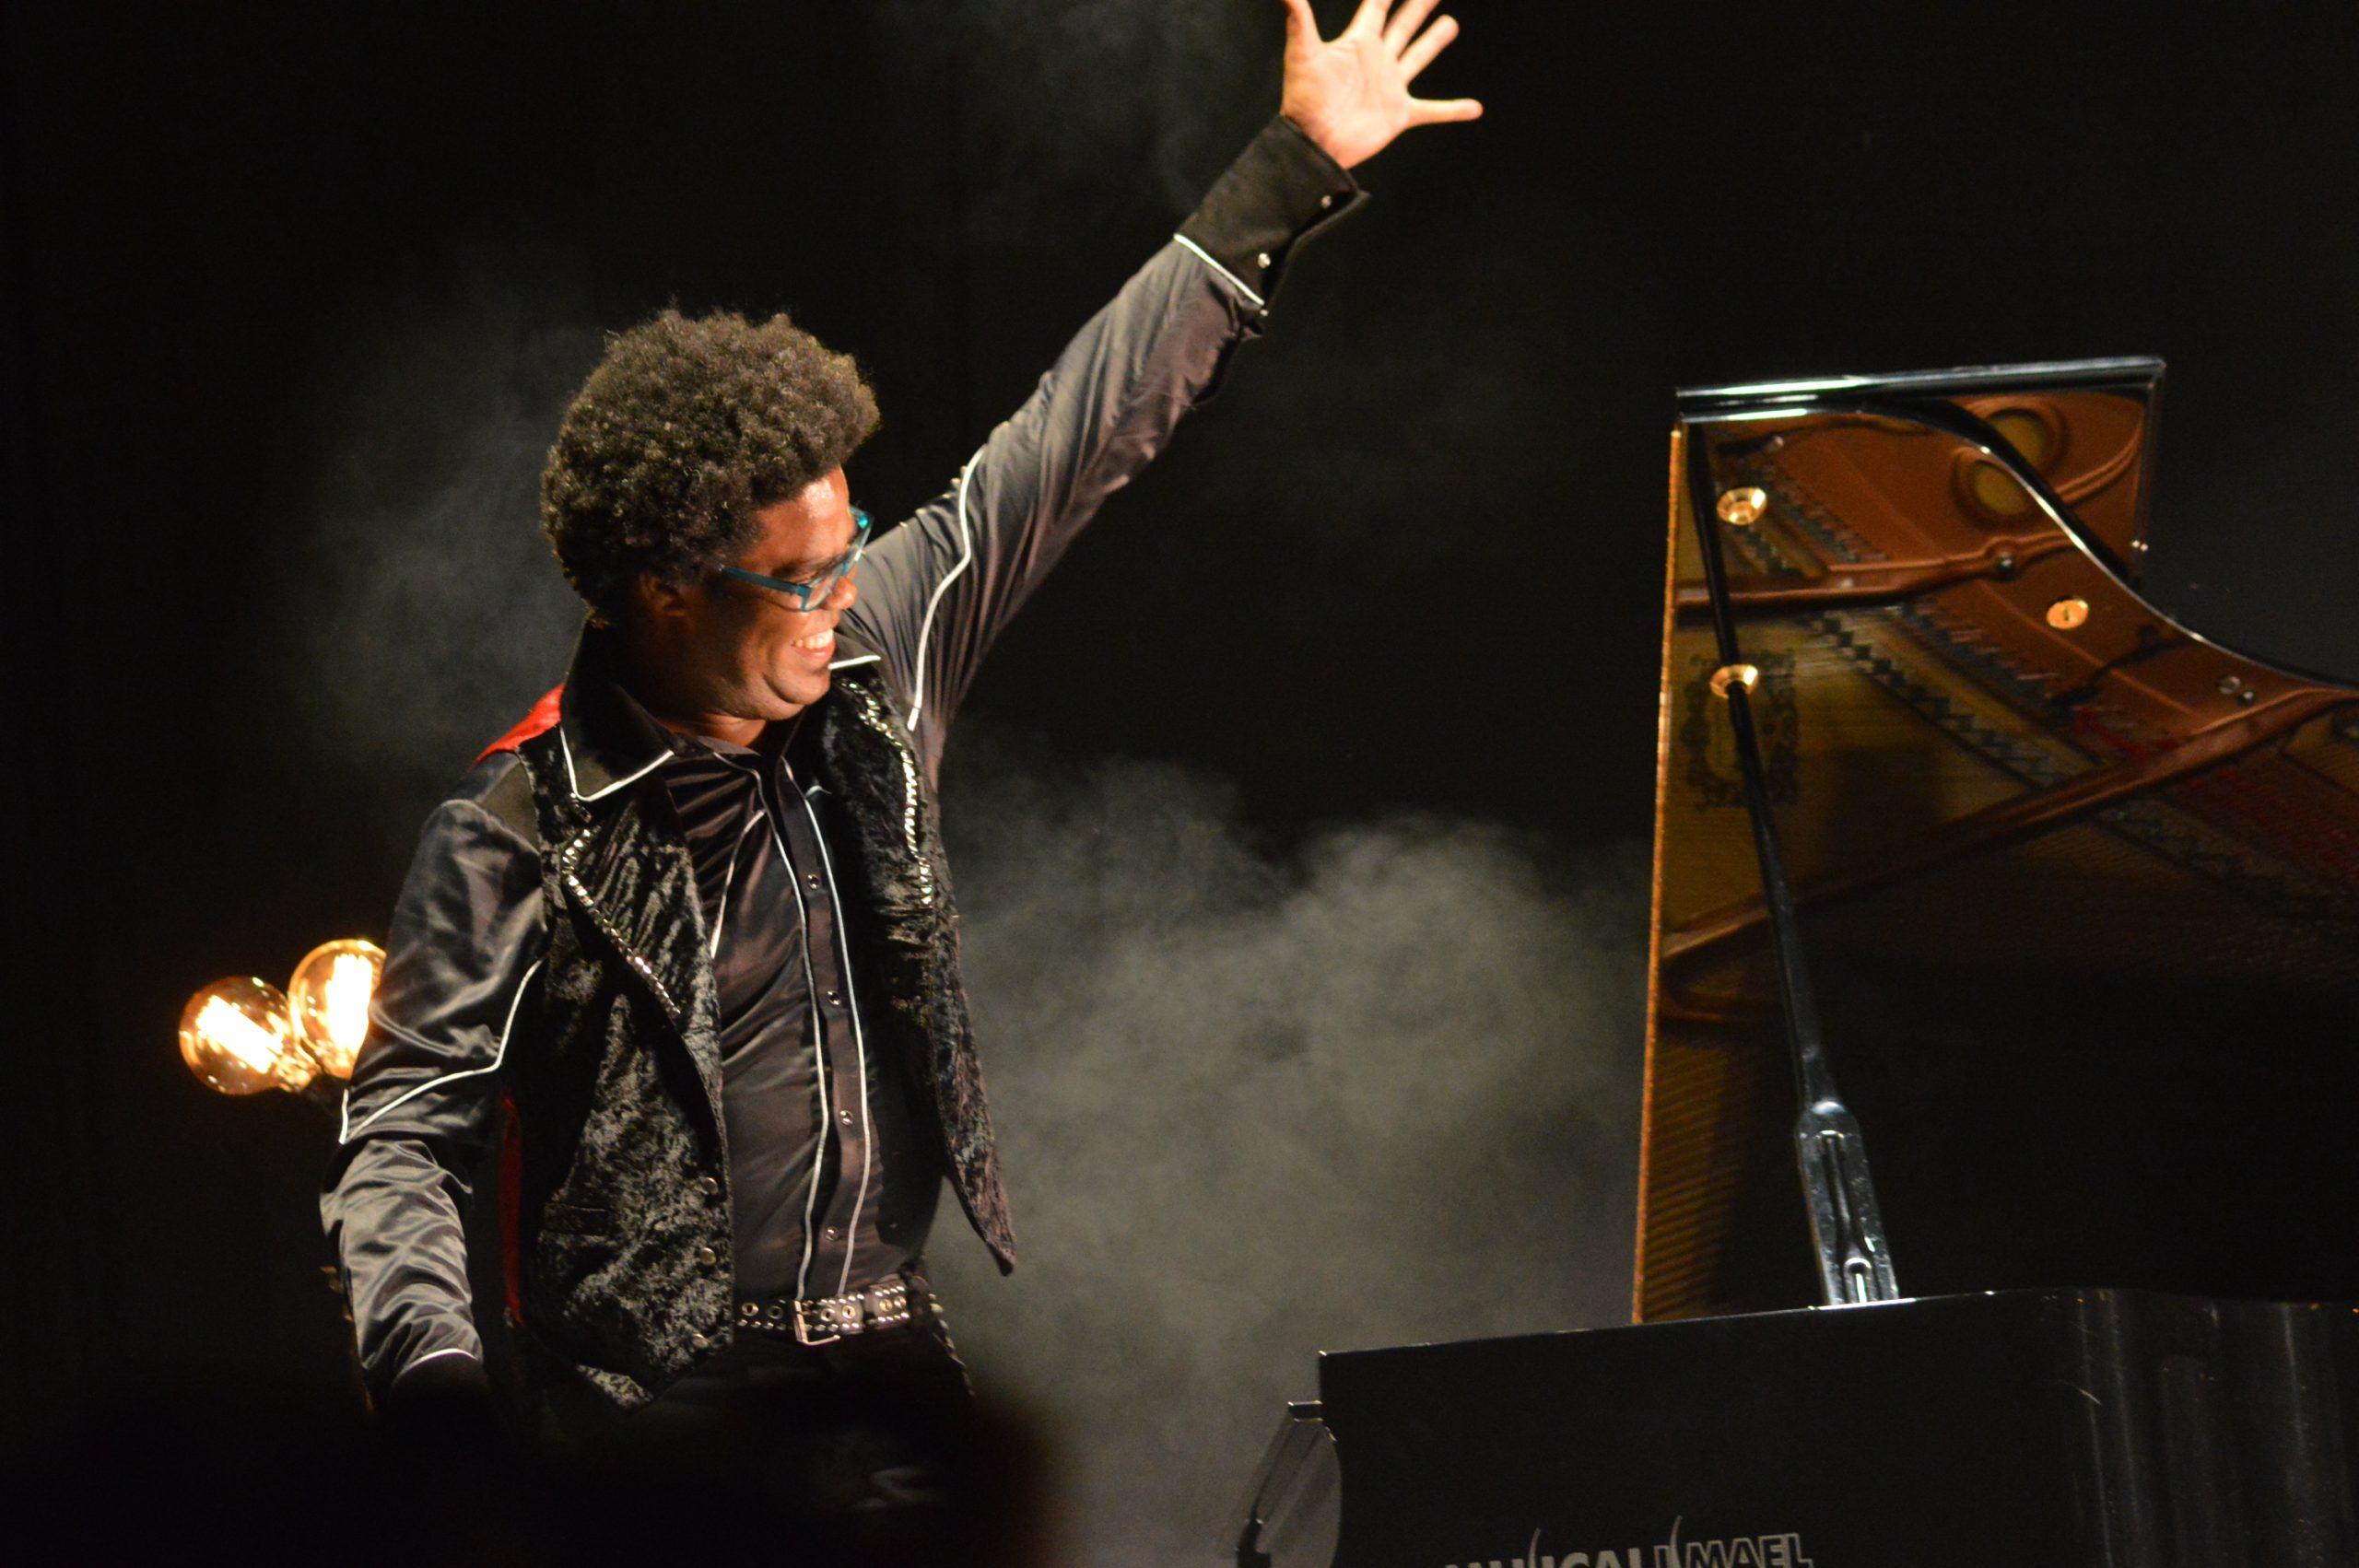 Ara Malikian emociona en su regreso a Ponferrada demostrando una vez más su virtuosismo con el violín 23